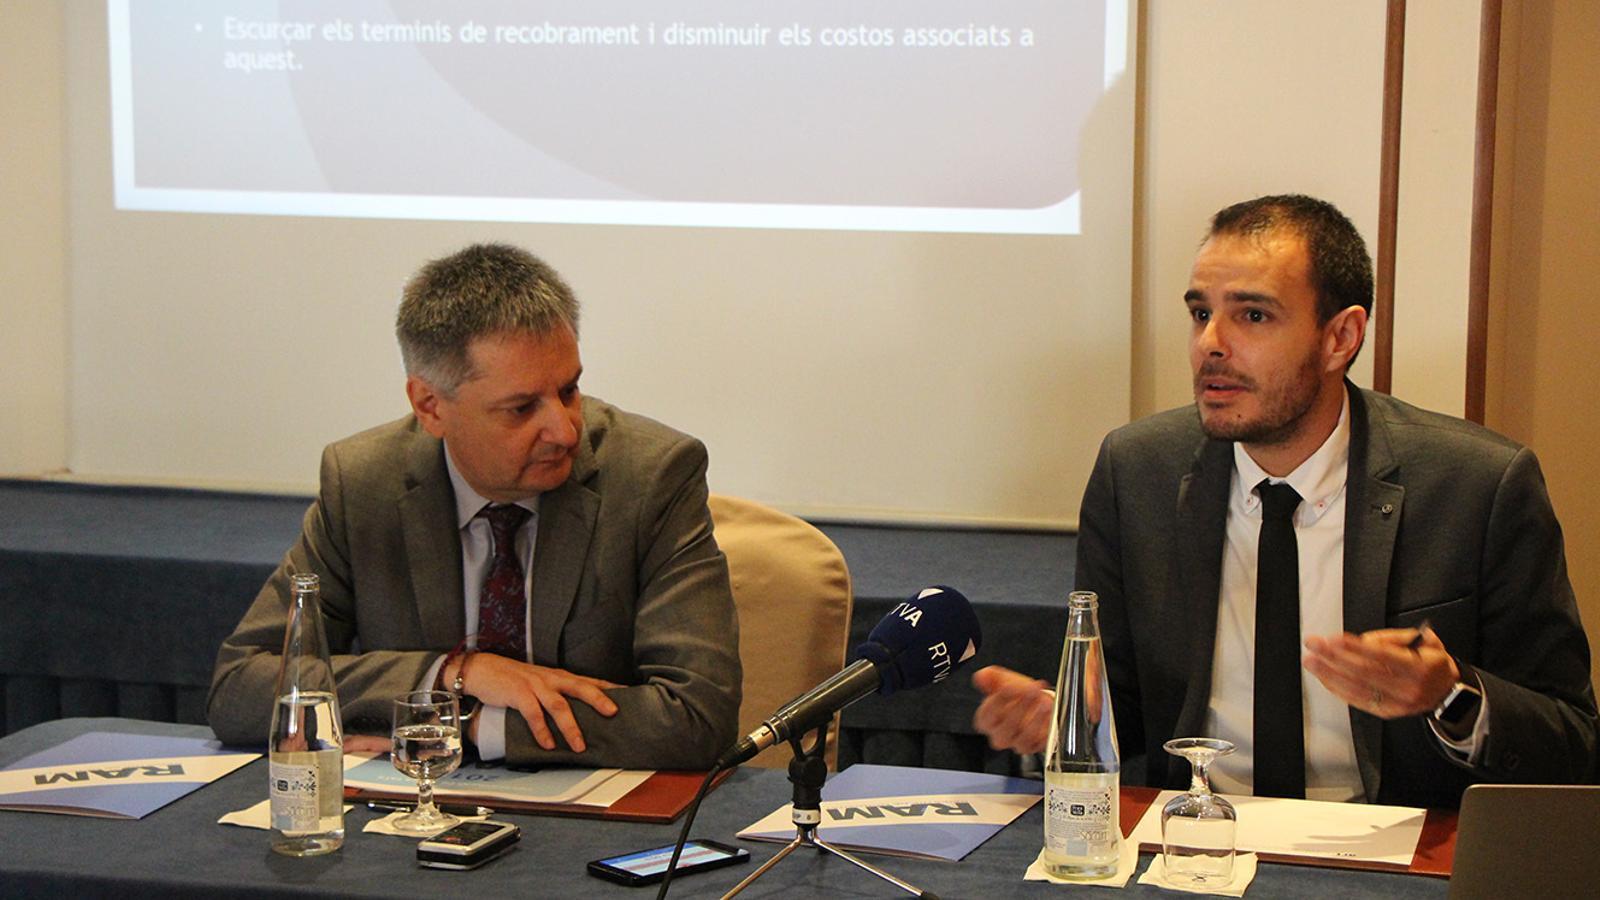 El ministre d'Economia, Competitivitat i Innovació, Gilbert Saboya, i el soci director del Registre de Morositat, David Castillo. / B. N.